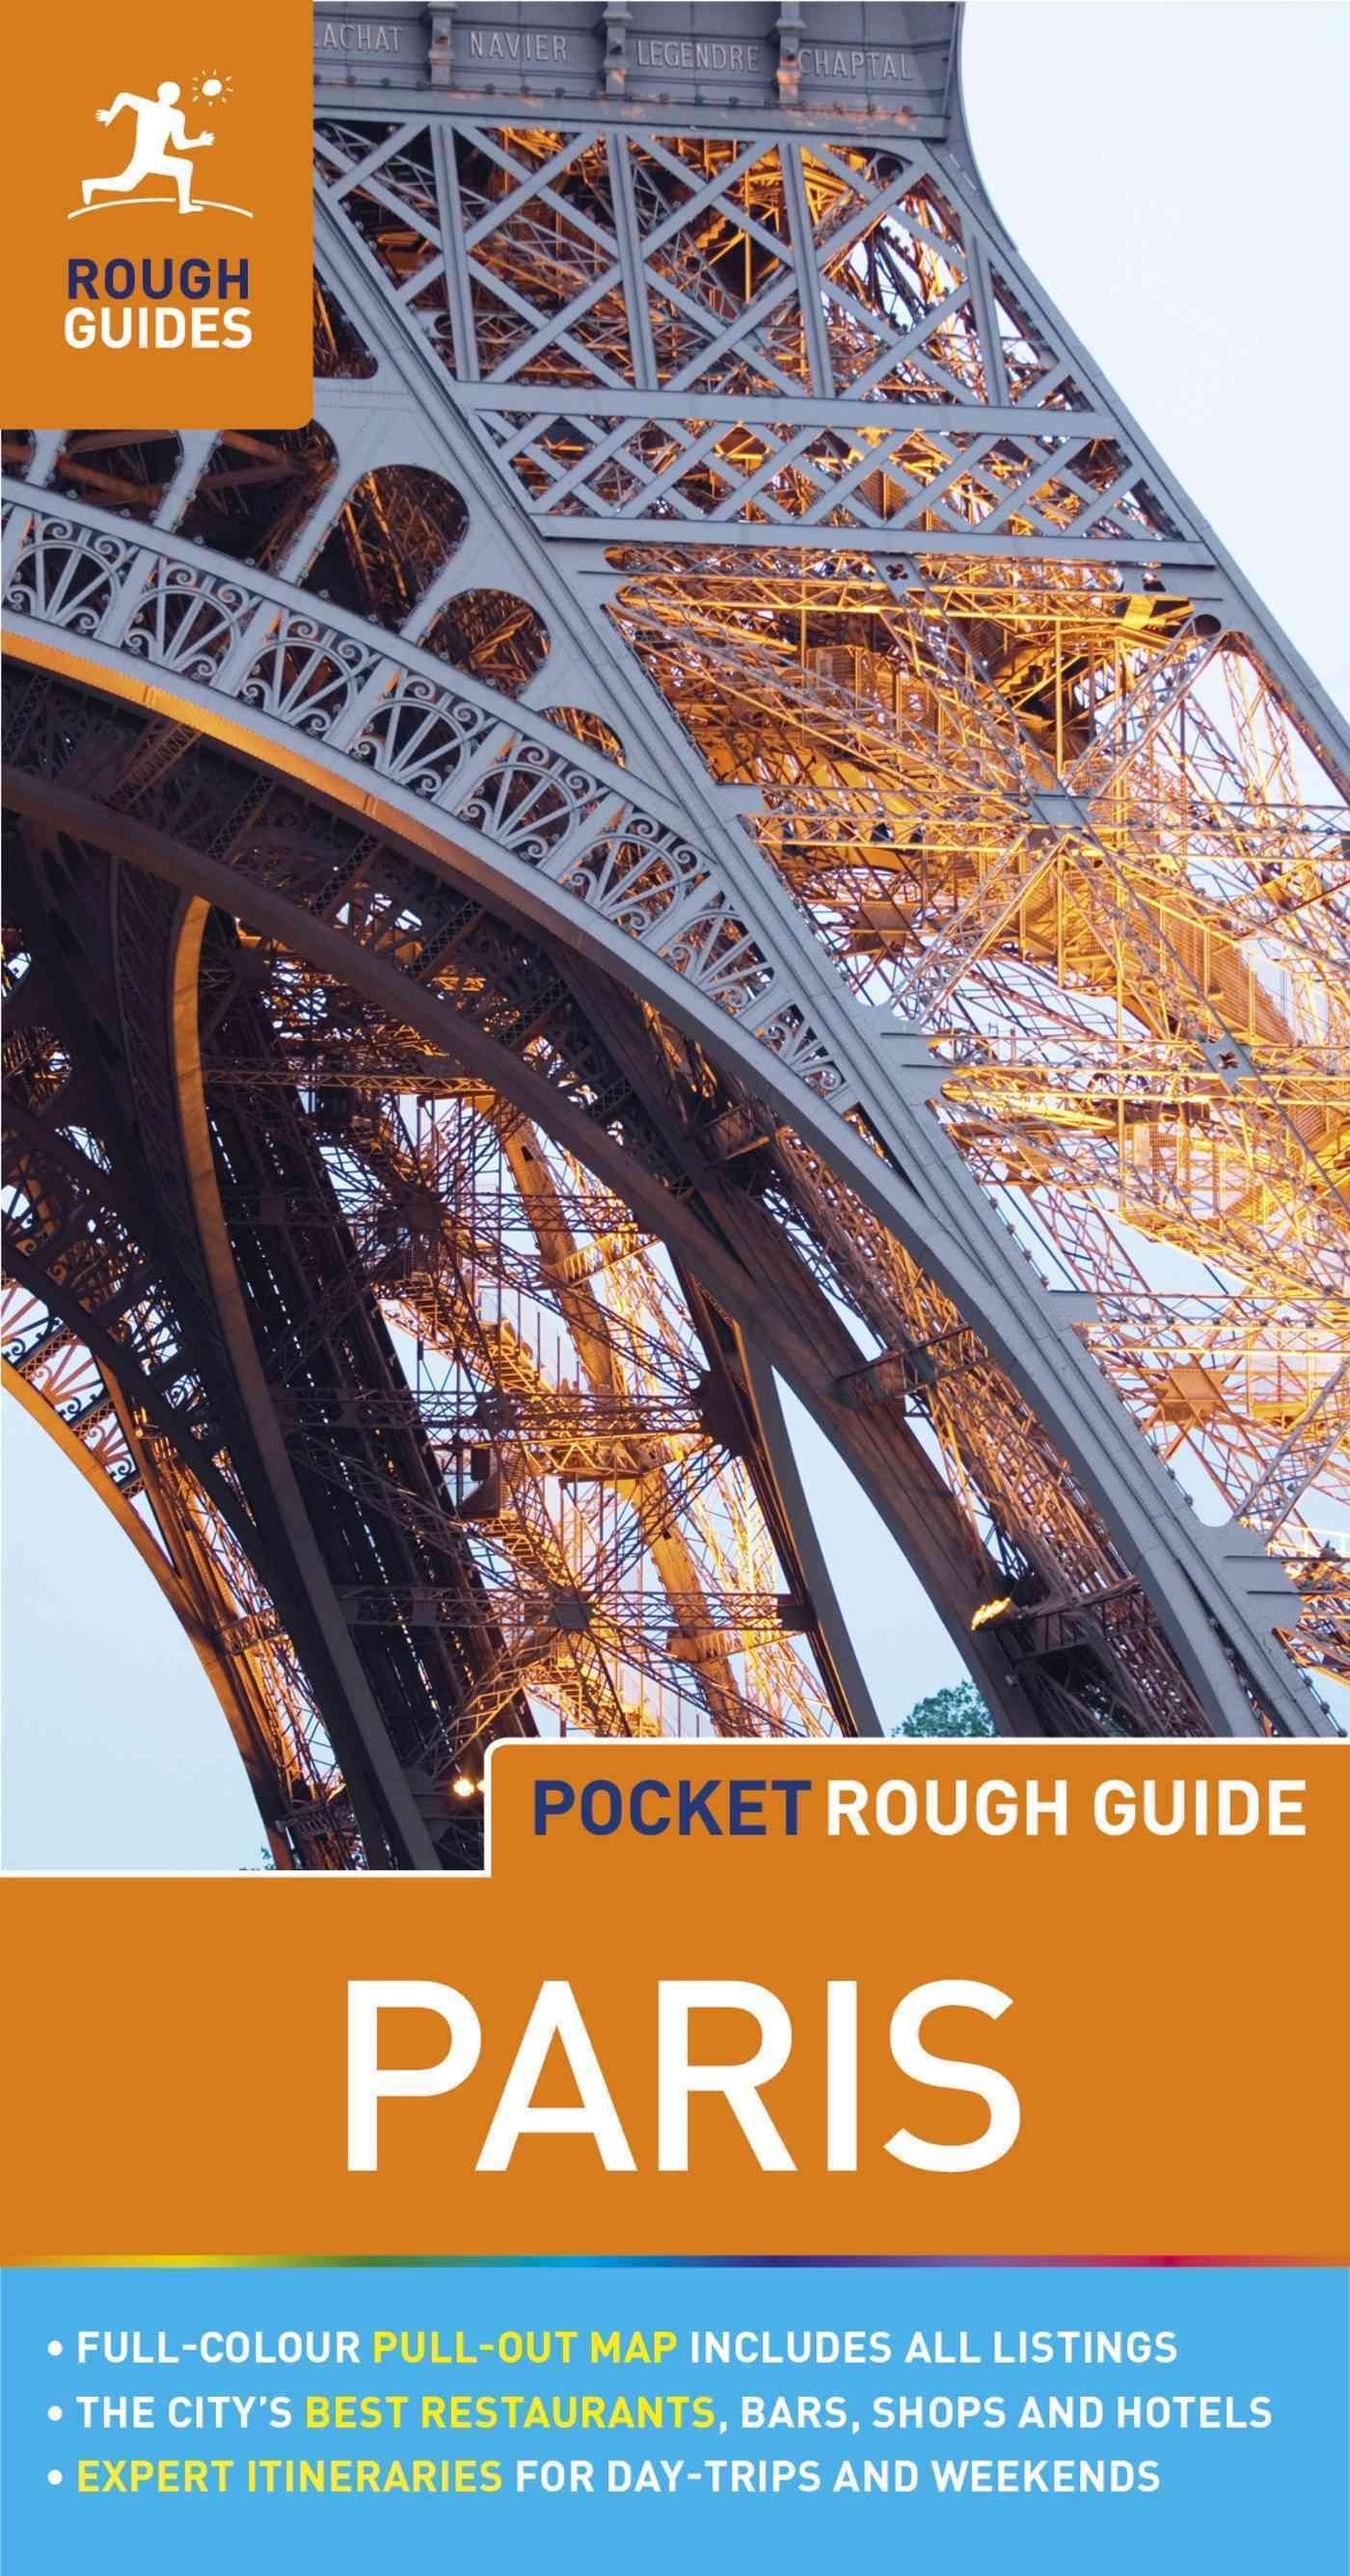 **POCKET ROUGH GUIDE PARIS